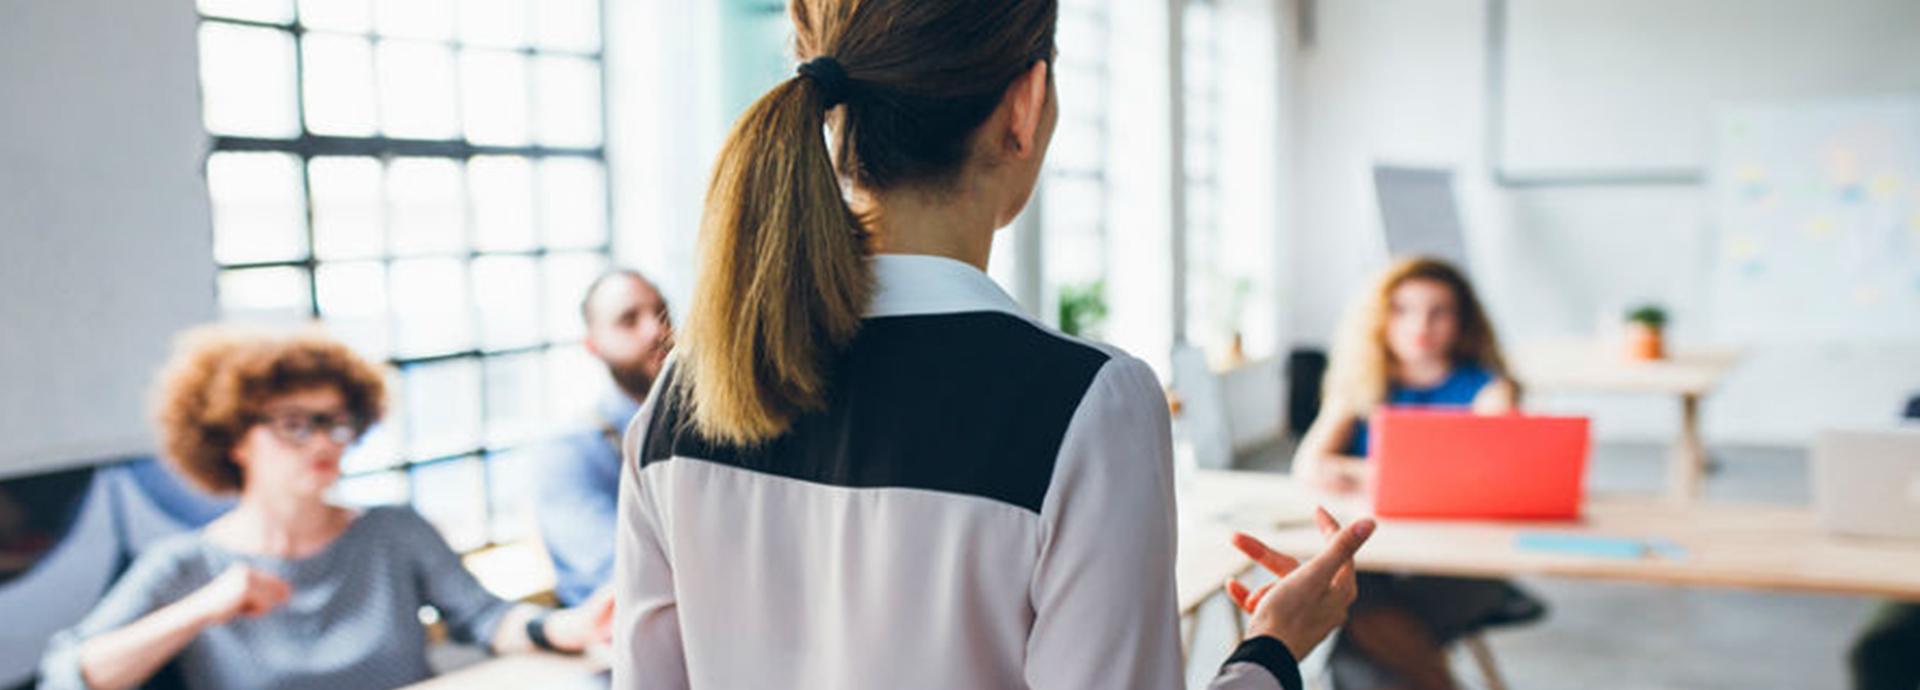 Fenomenologia del boss: la leadership vista dal collaboratore